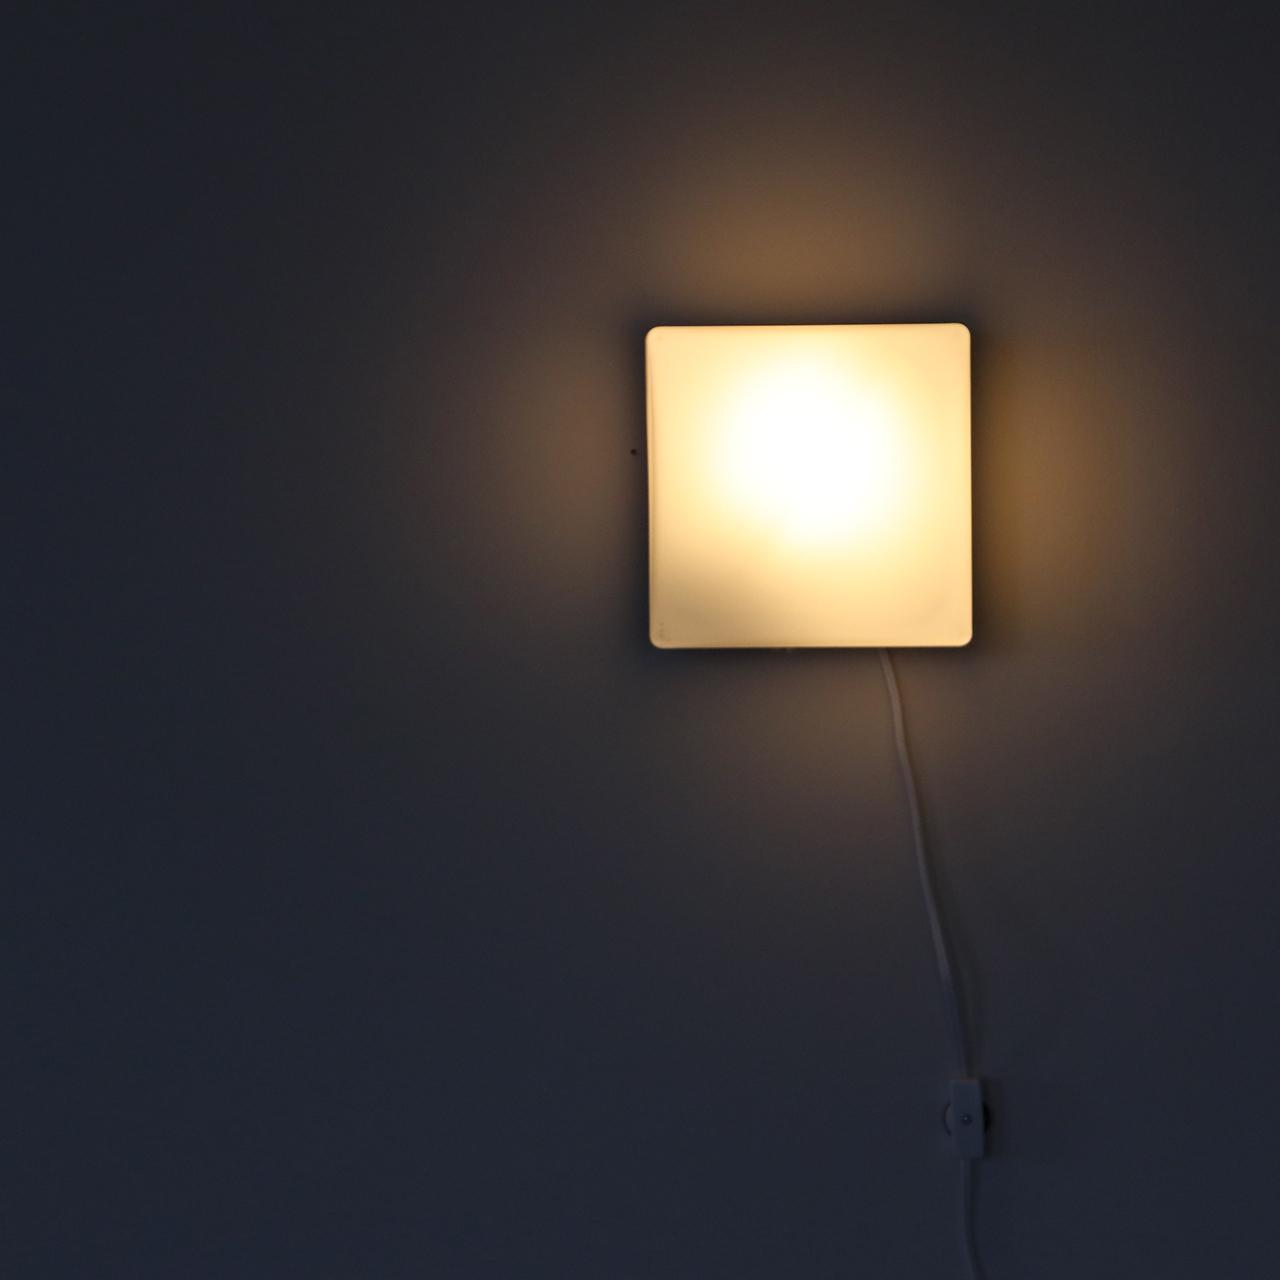 Bracket light / BEGA